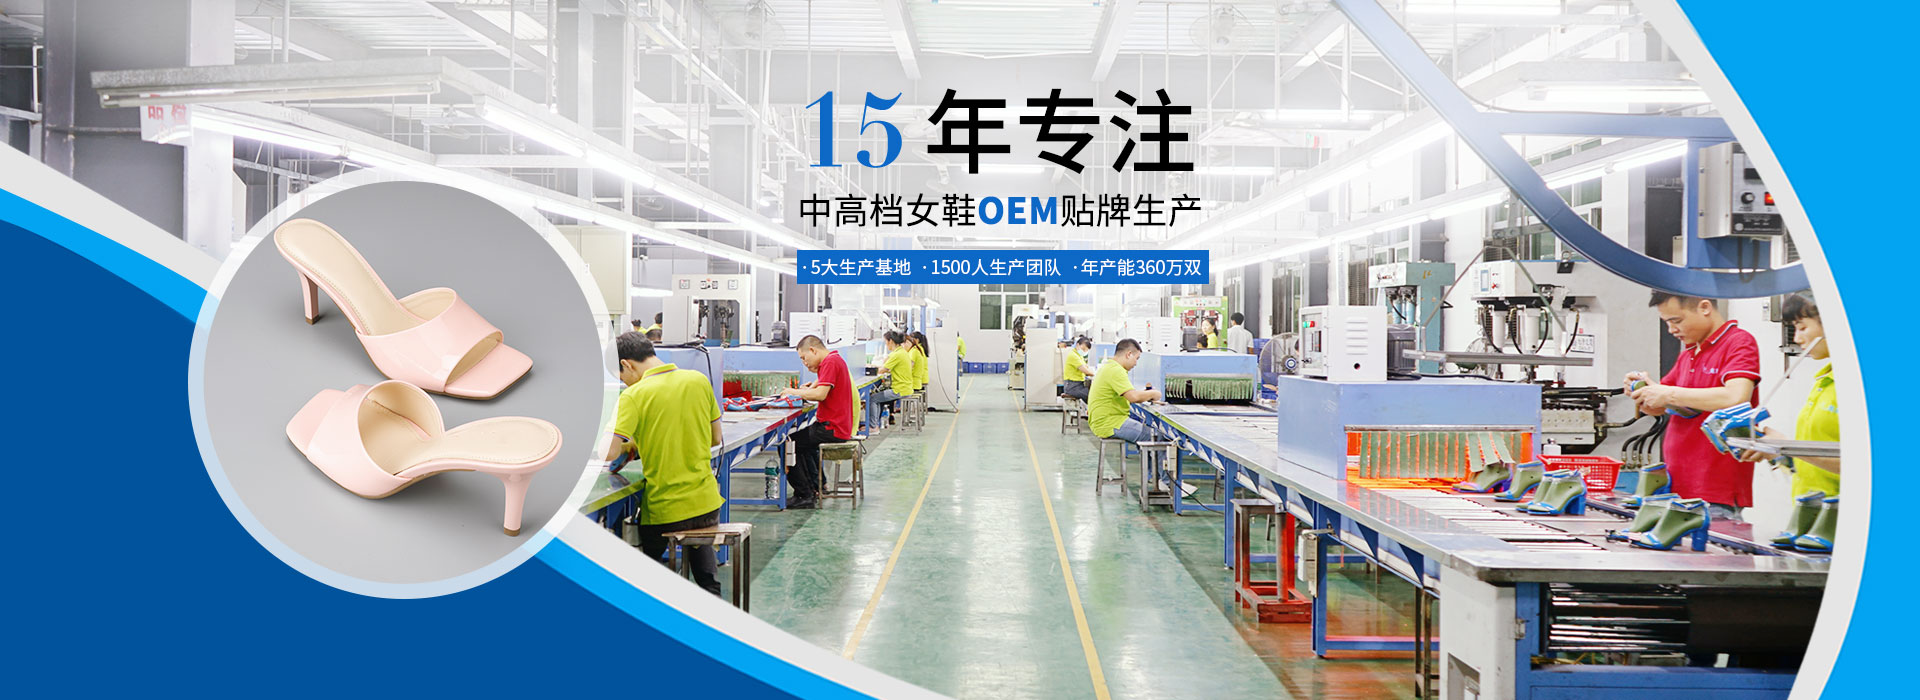 鞋子加工厂,女鞋定制,女鞋生产厂家-懿熙鞋业